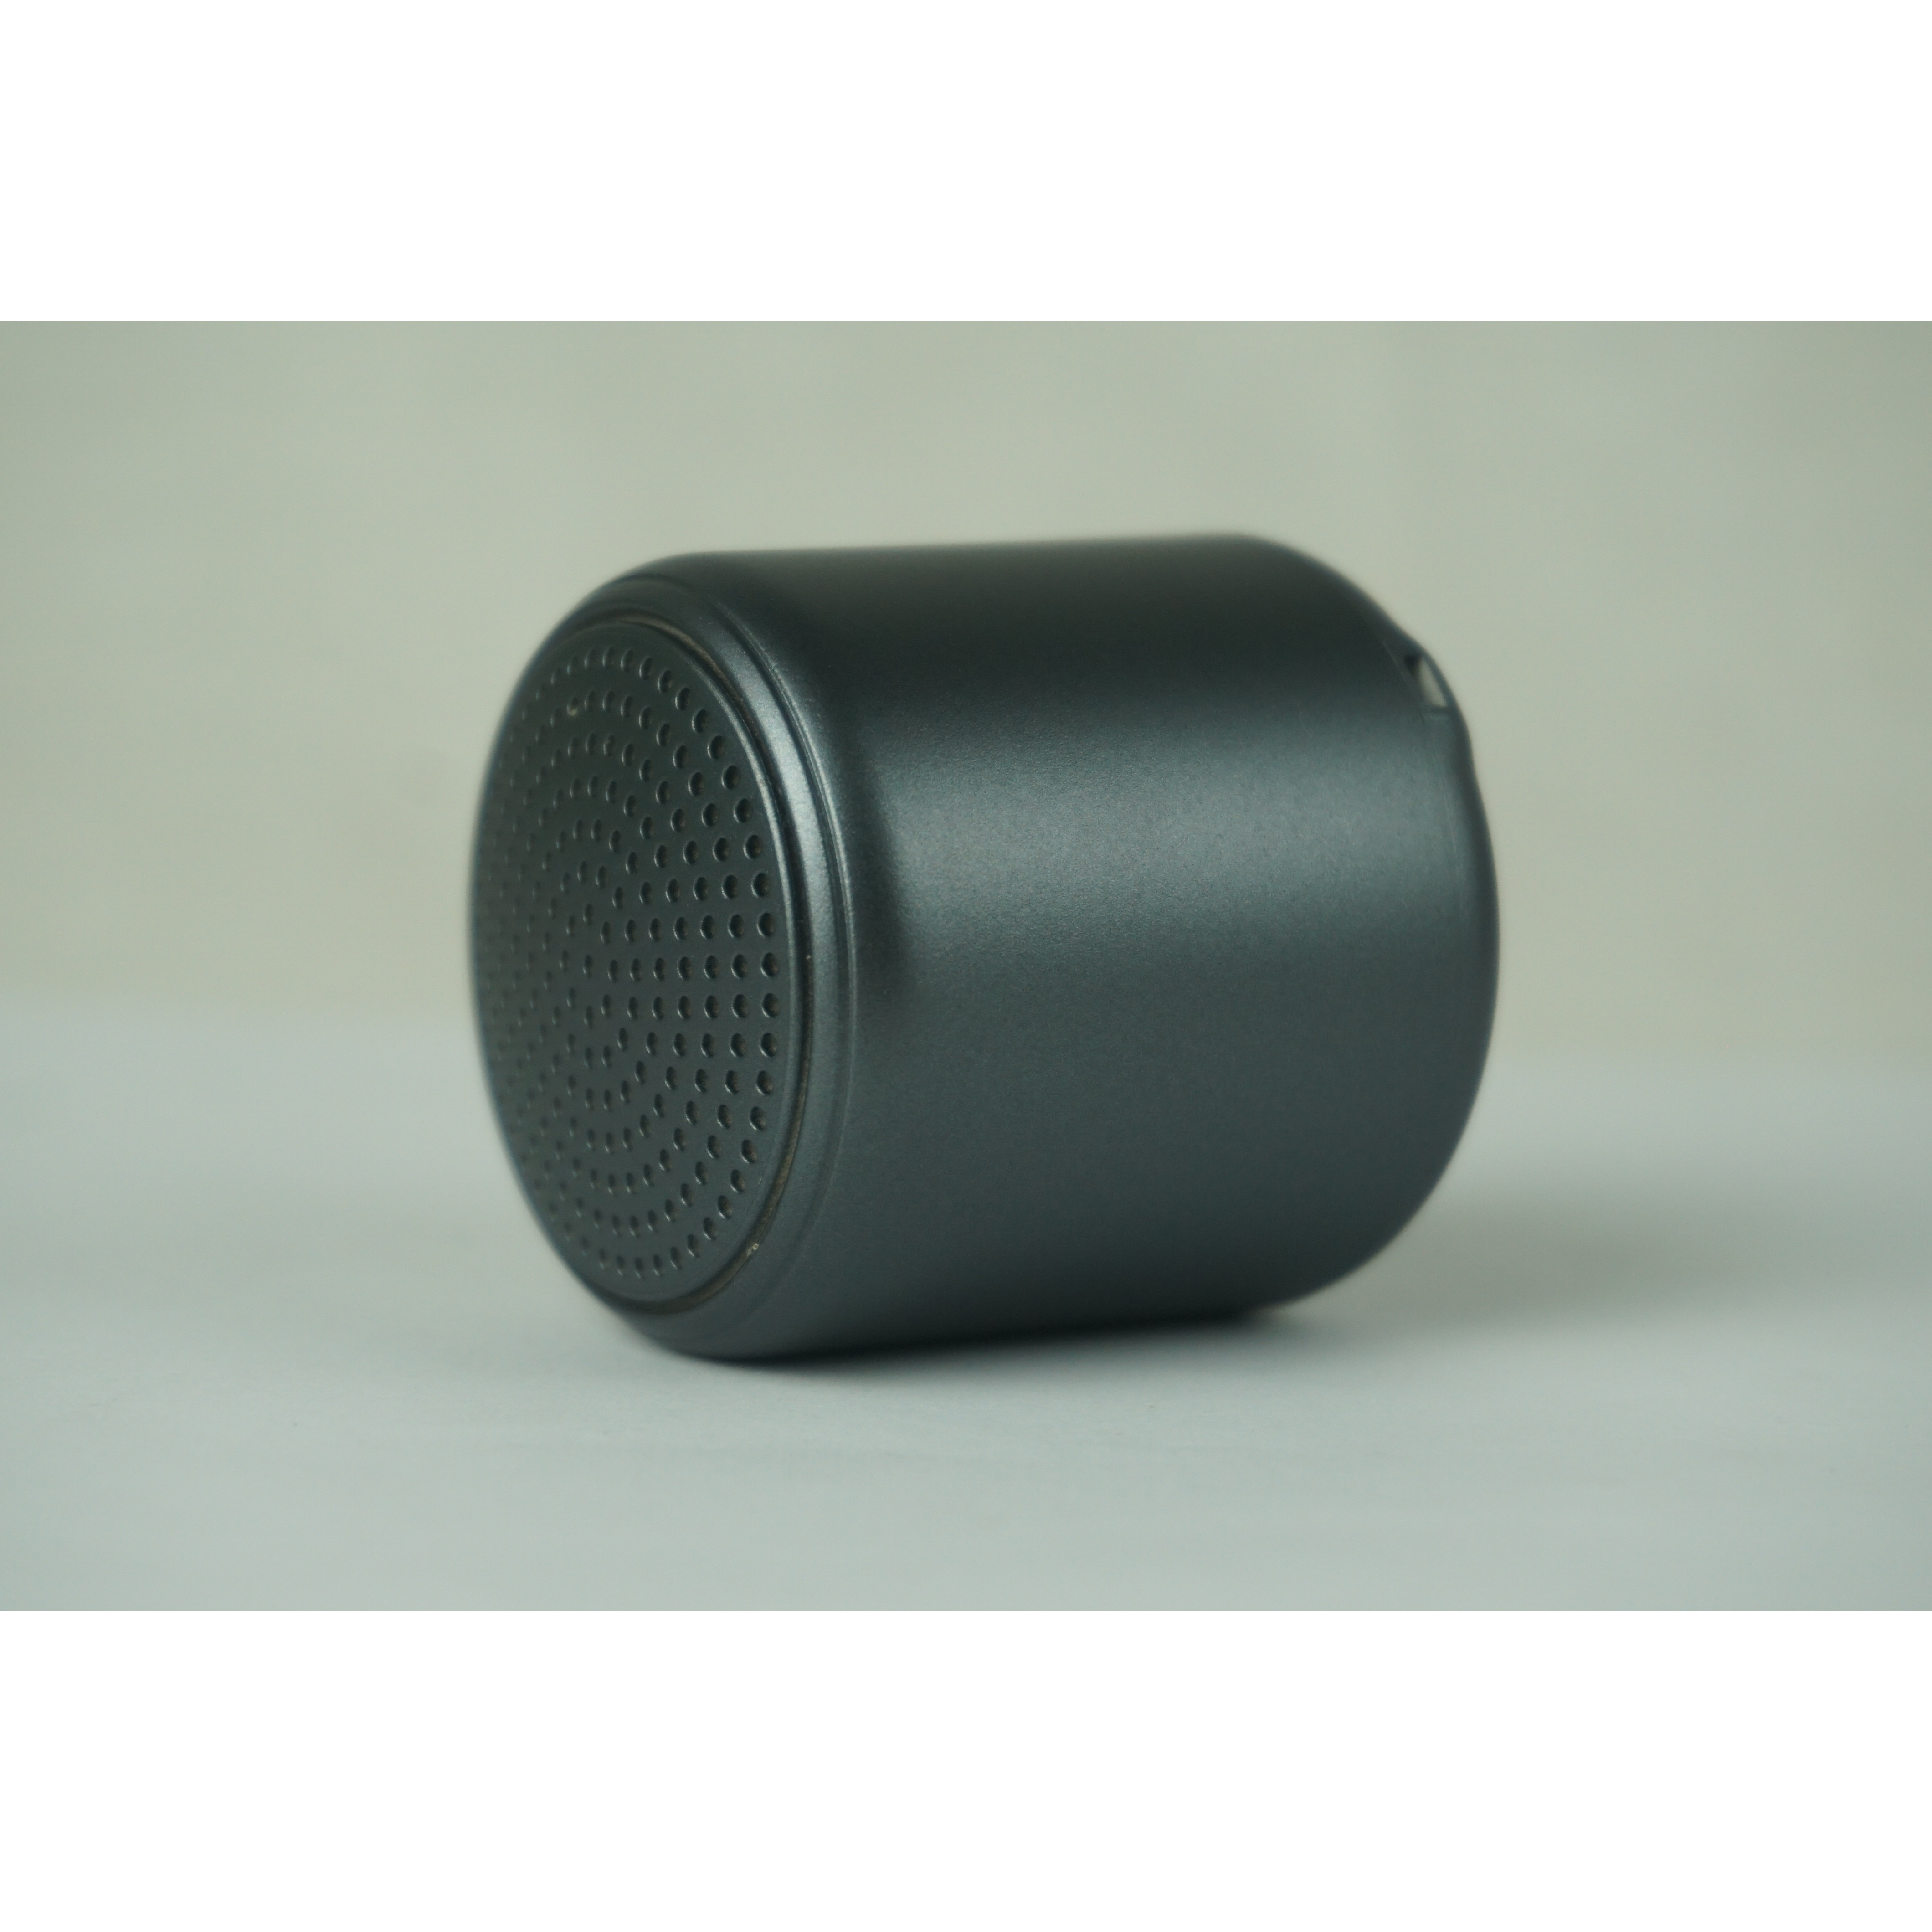 Loa Bluetooth mini TWS 5.0 PKCB không dây - Hàng Chính Hãng